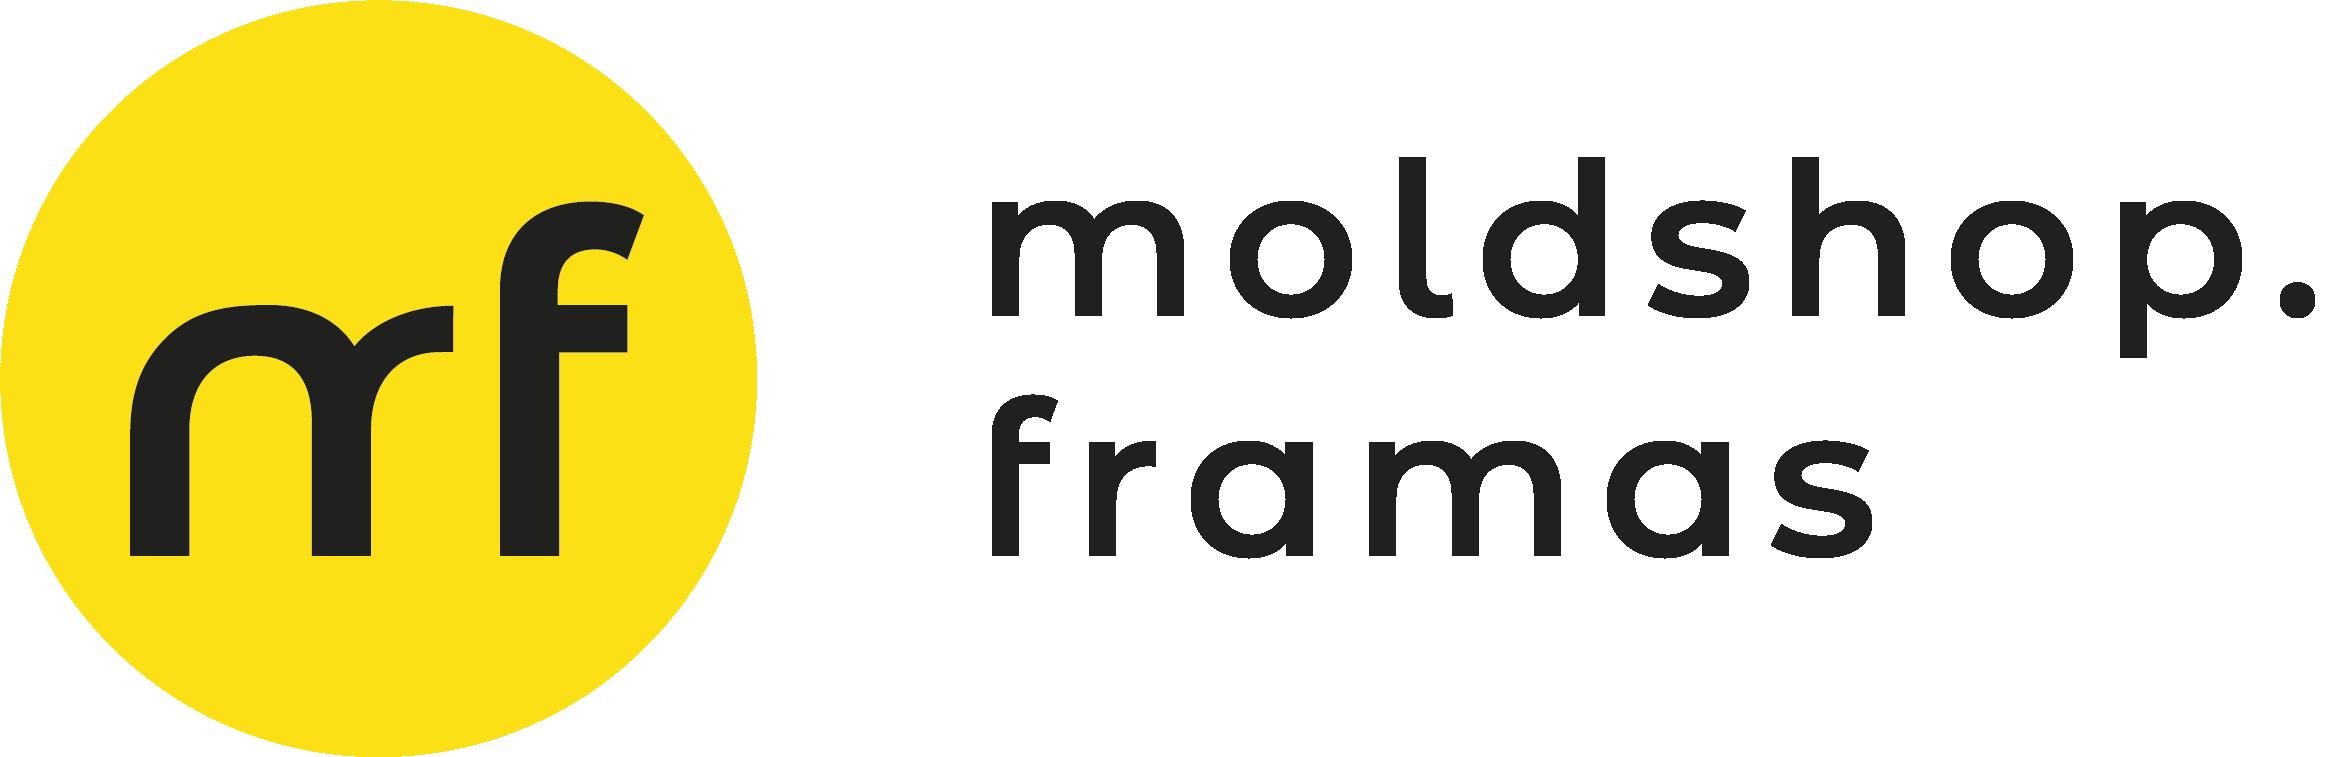 moldshop.framas Logo